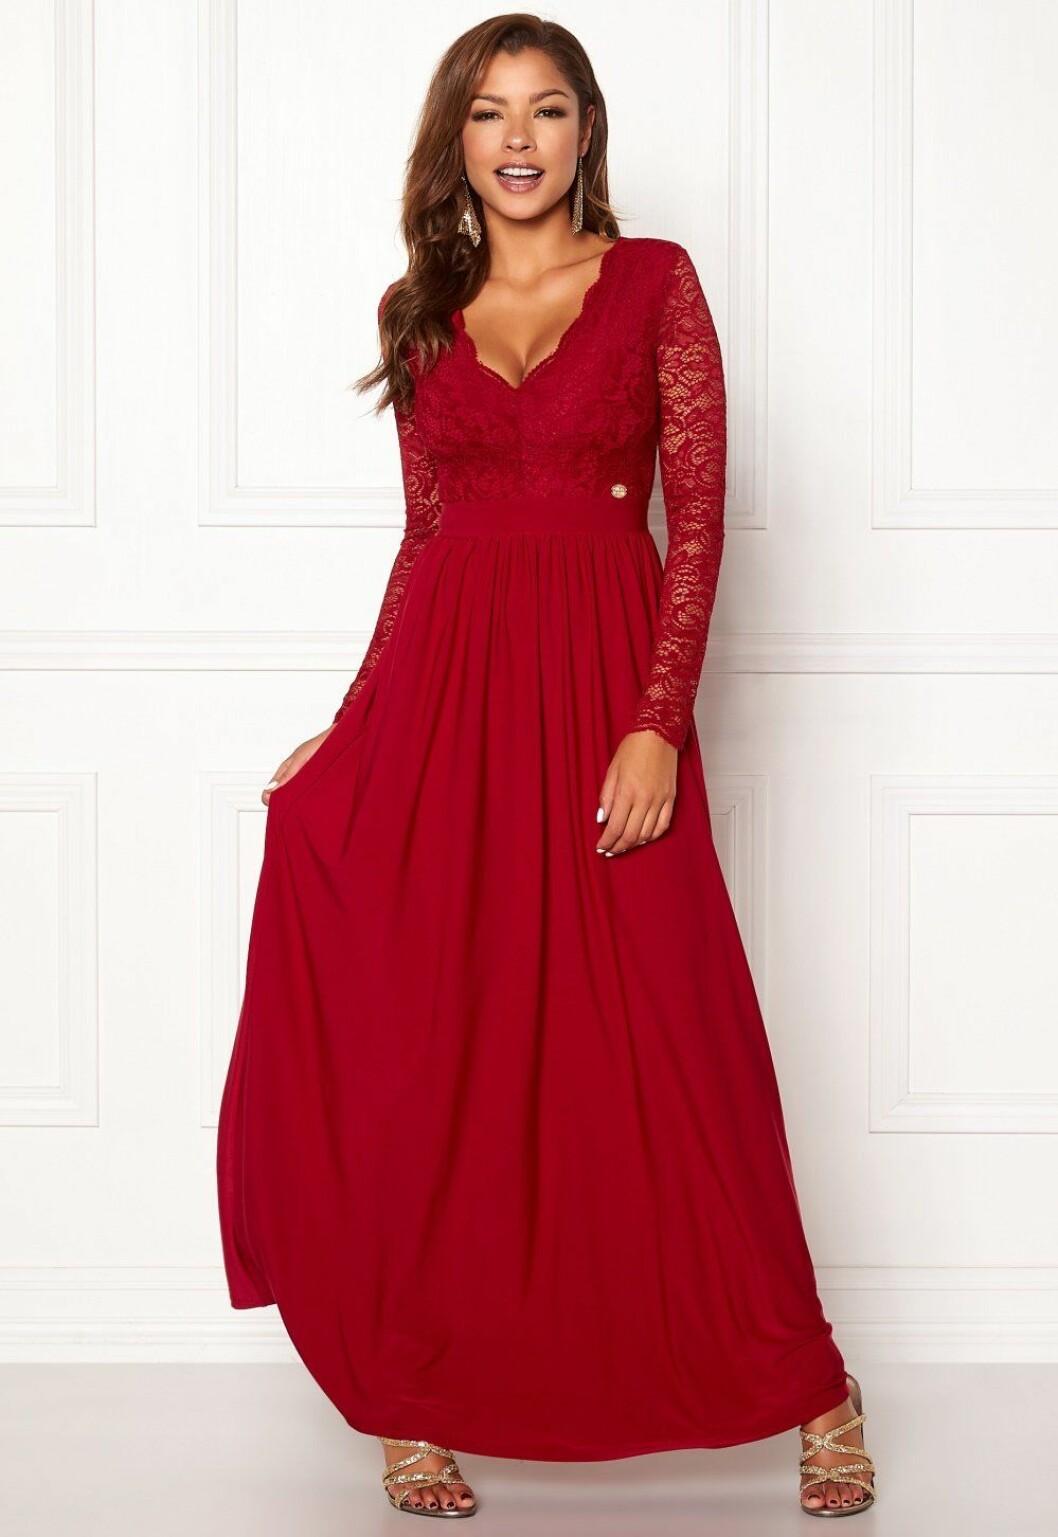 Röd balklänning med spets till 2019